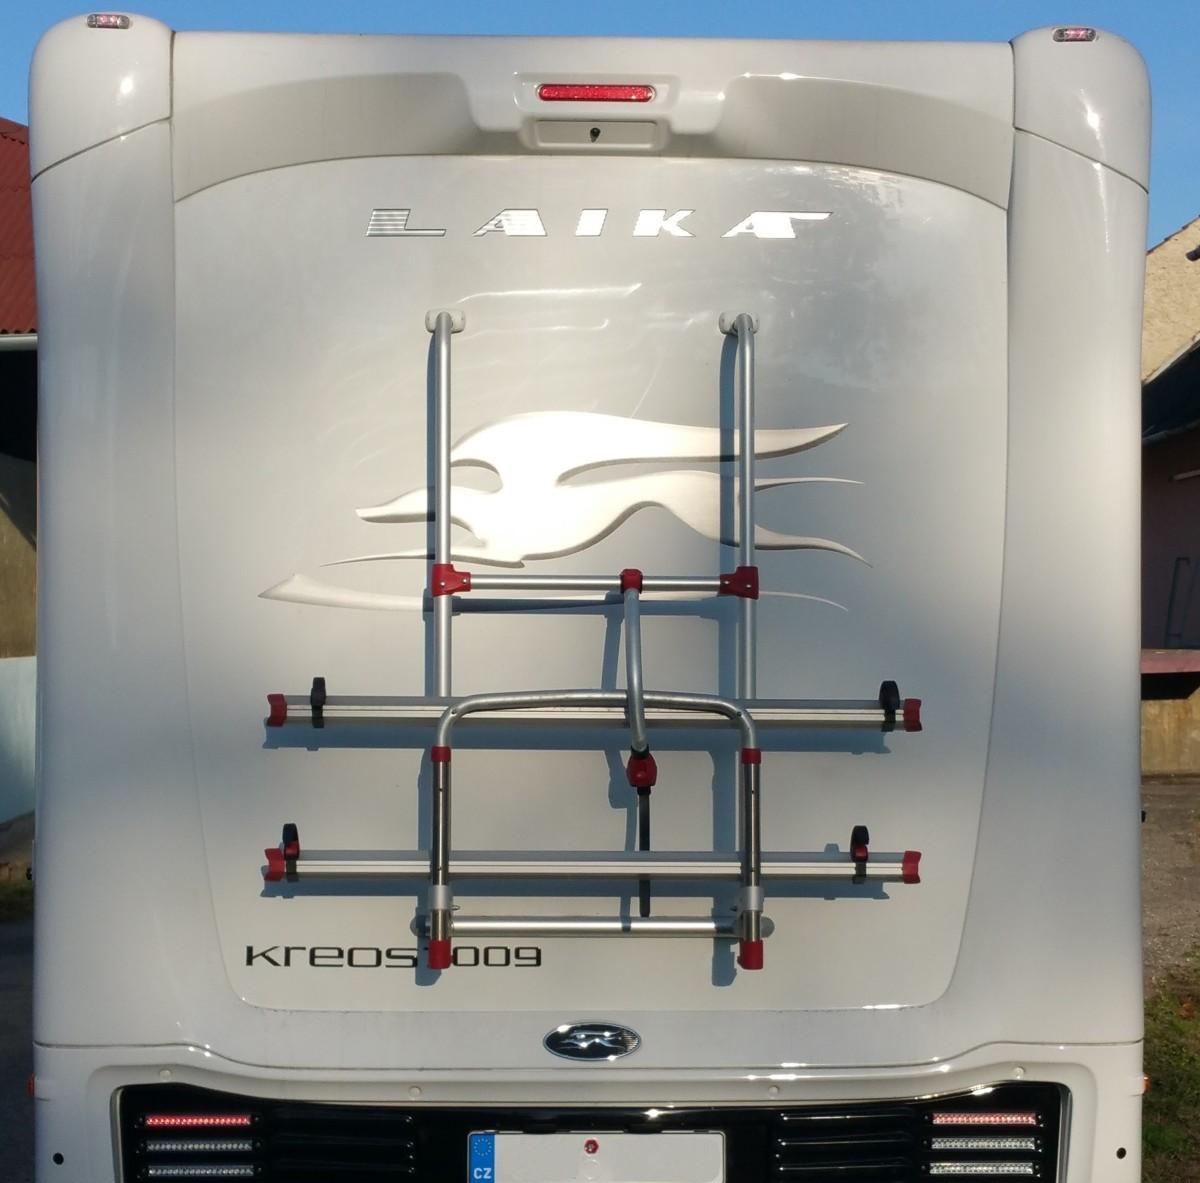 Montáž příslušenství pro karavany